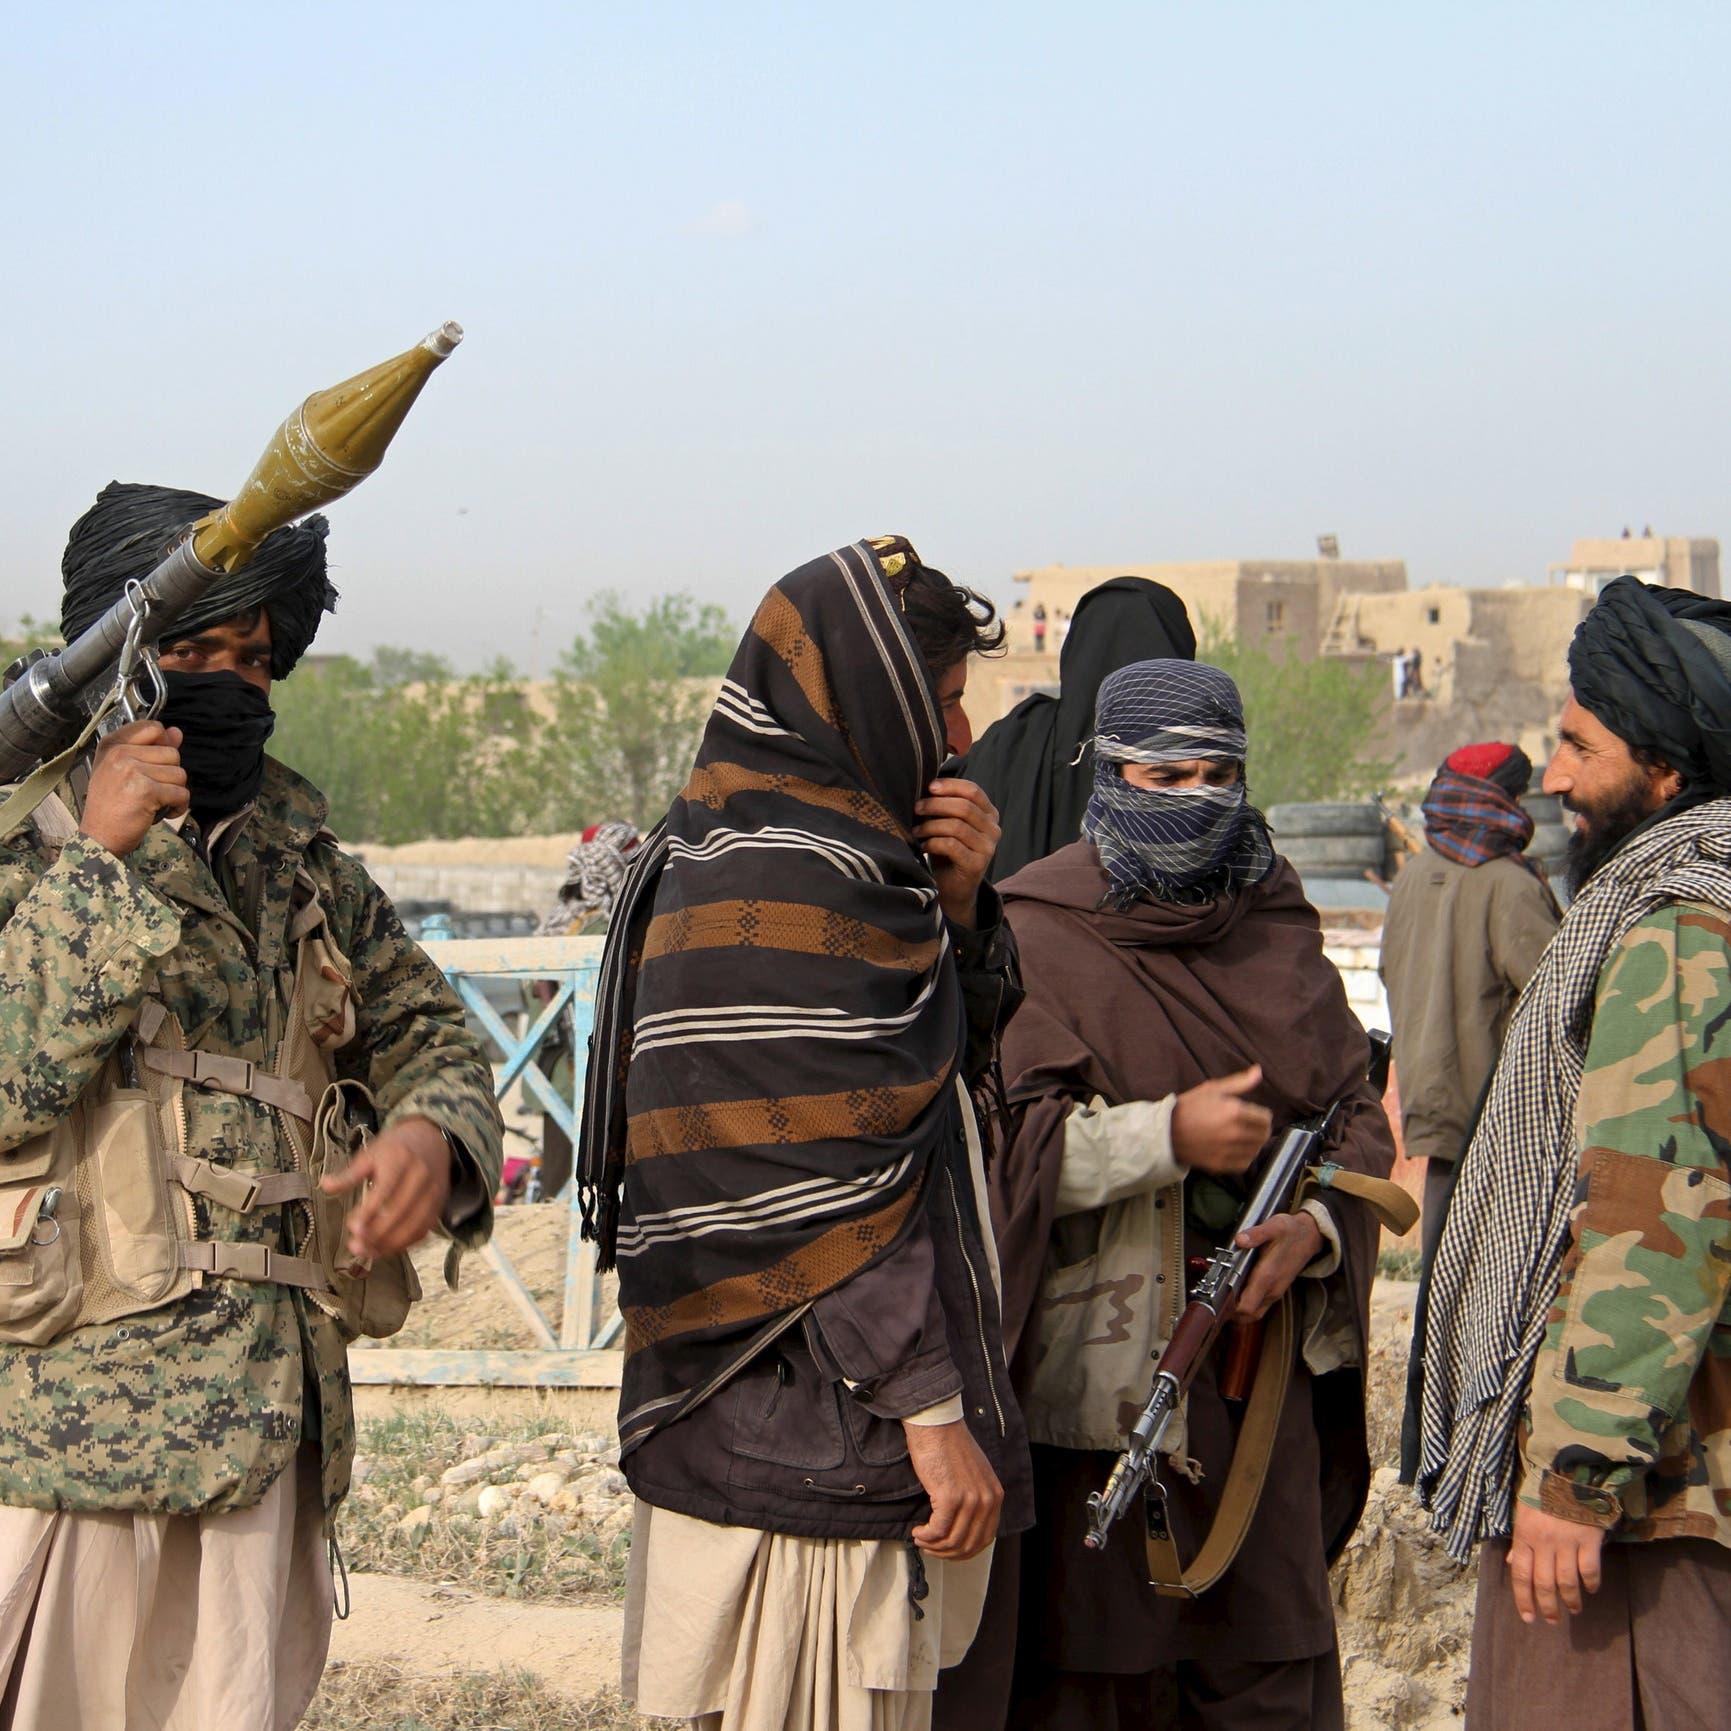 مقتل 40 مدنيا خلال 24 ساعة في لشكركاه المحاصرة من طالبان